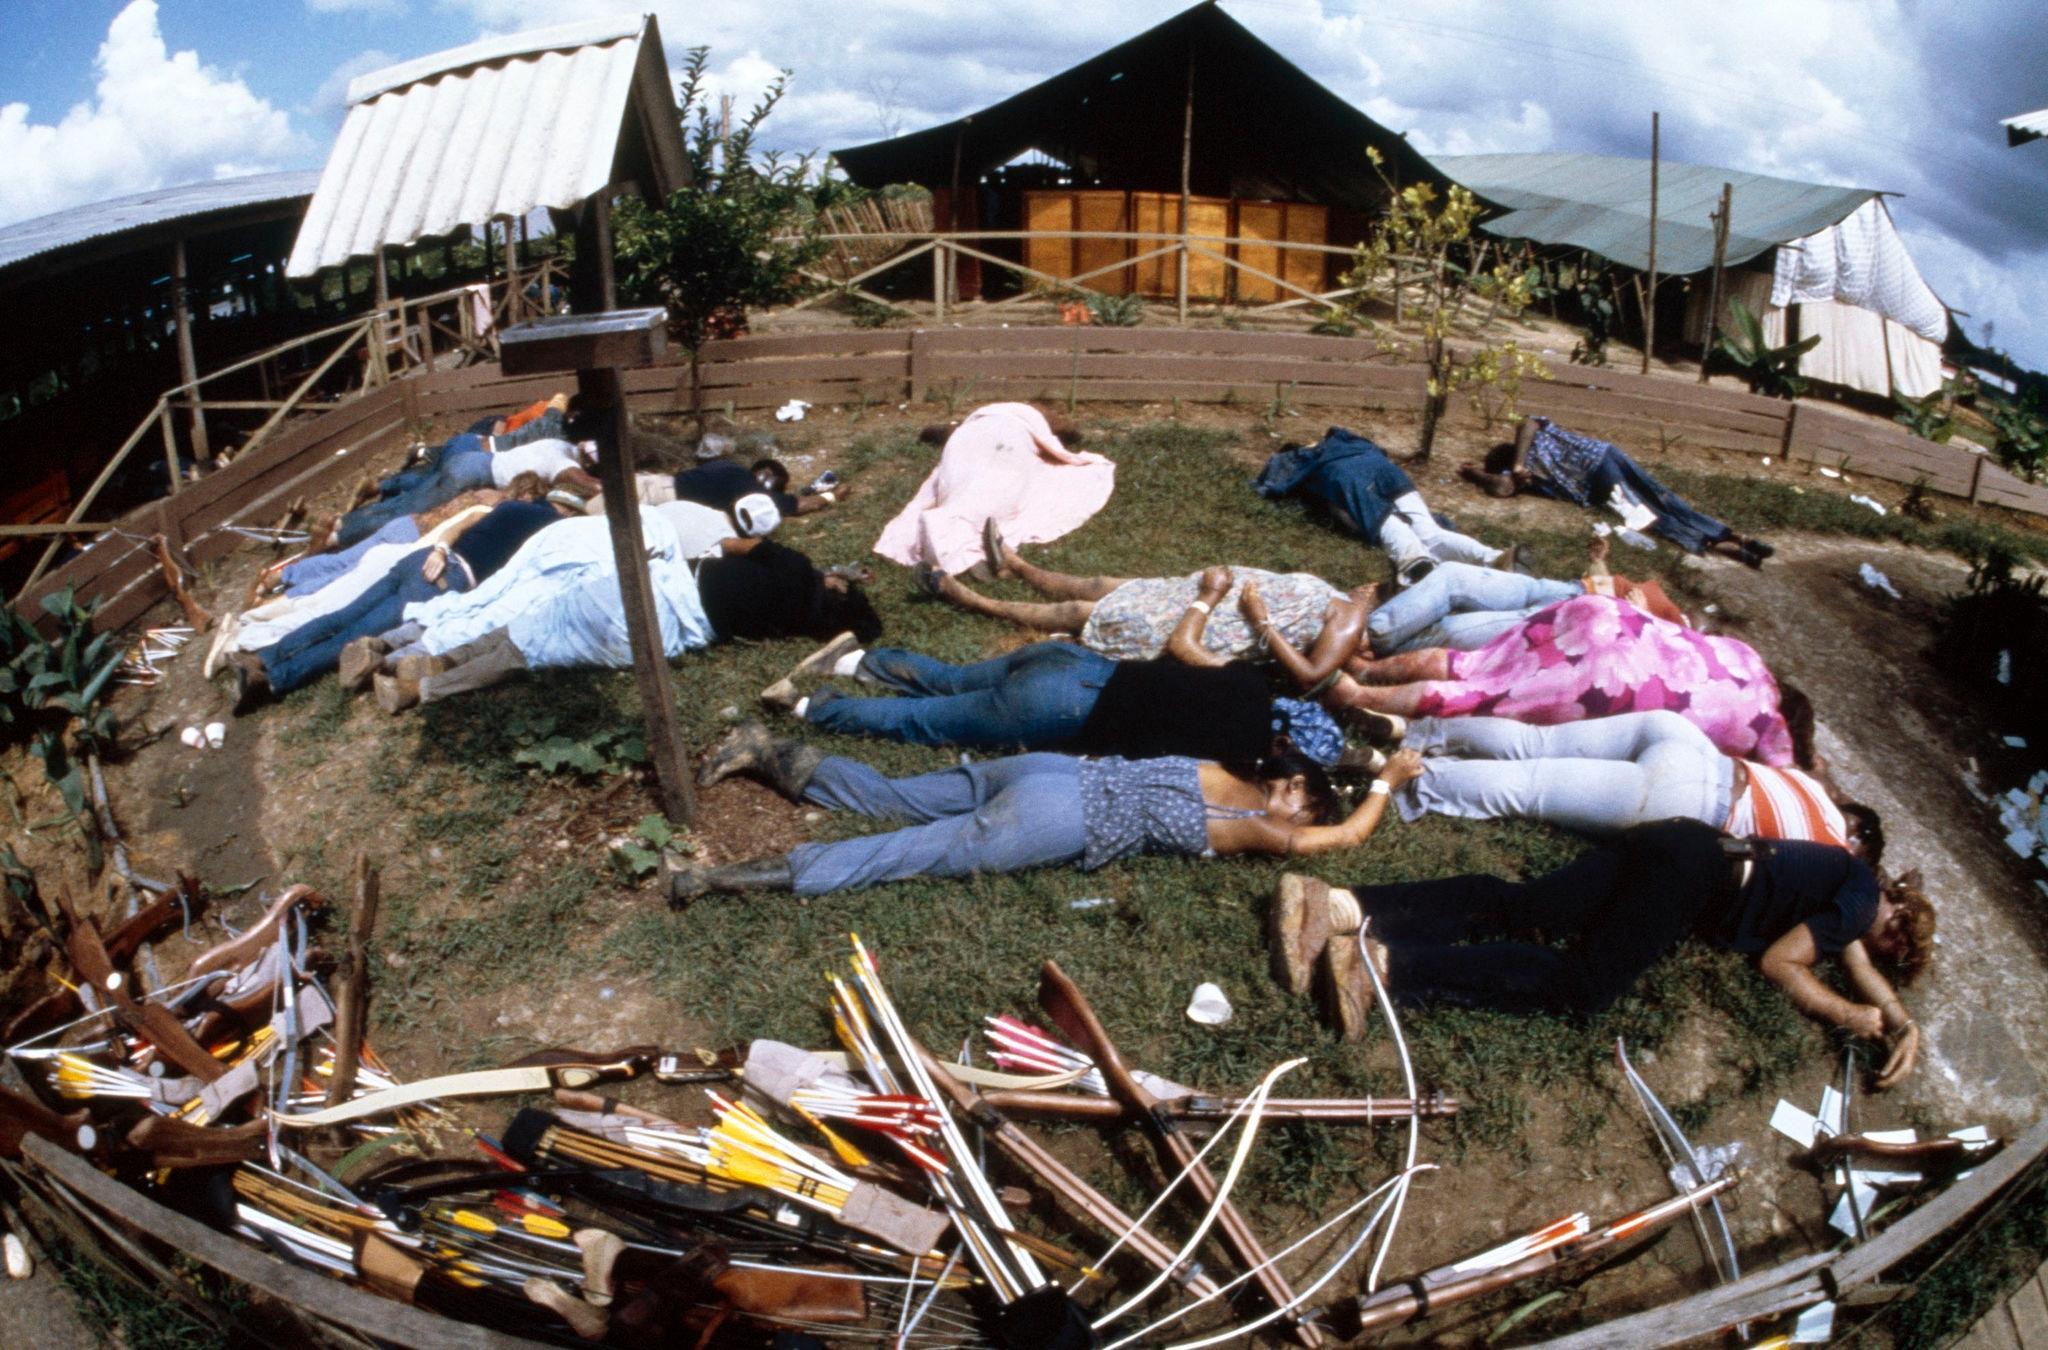 1978. Тела лежат возле здания культа Народного храма 18 ноября 1978 года в Джонстауне.jpg